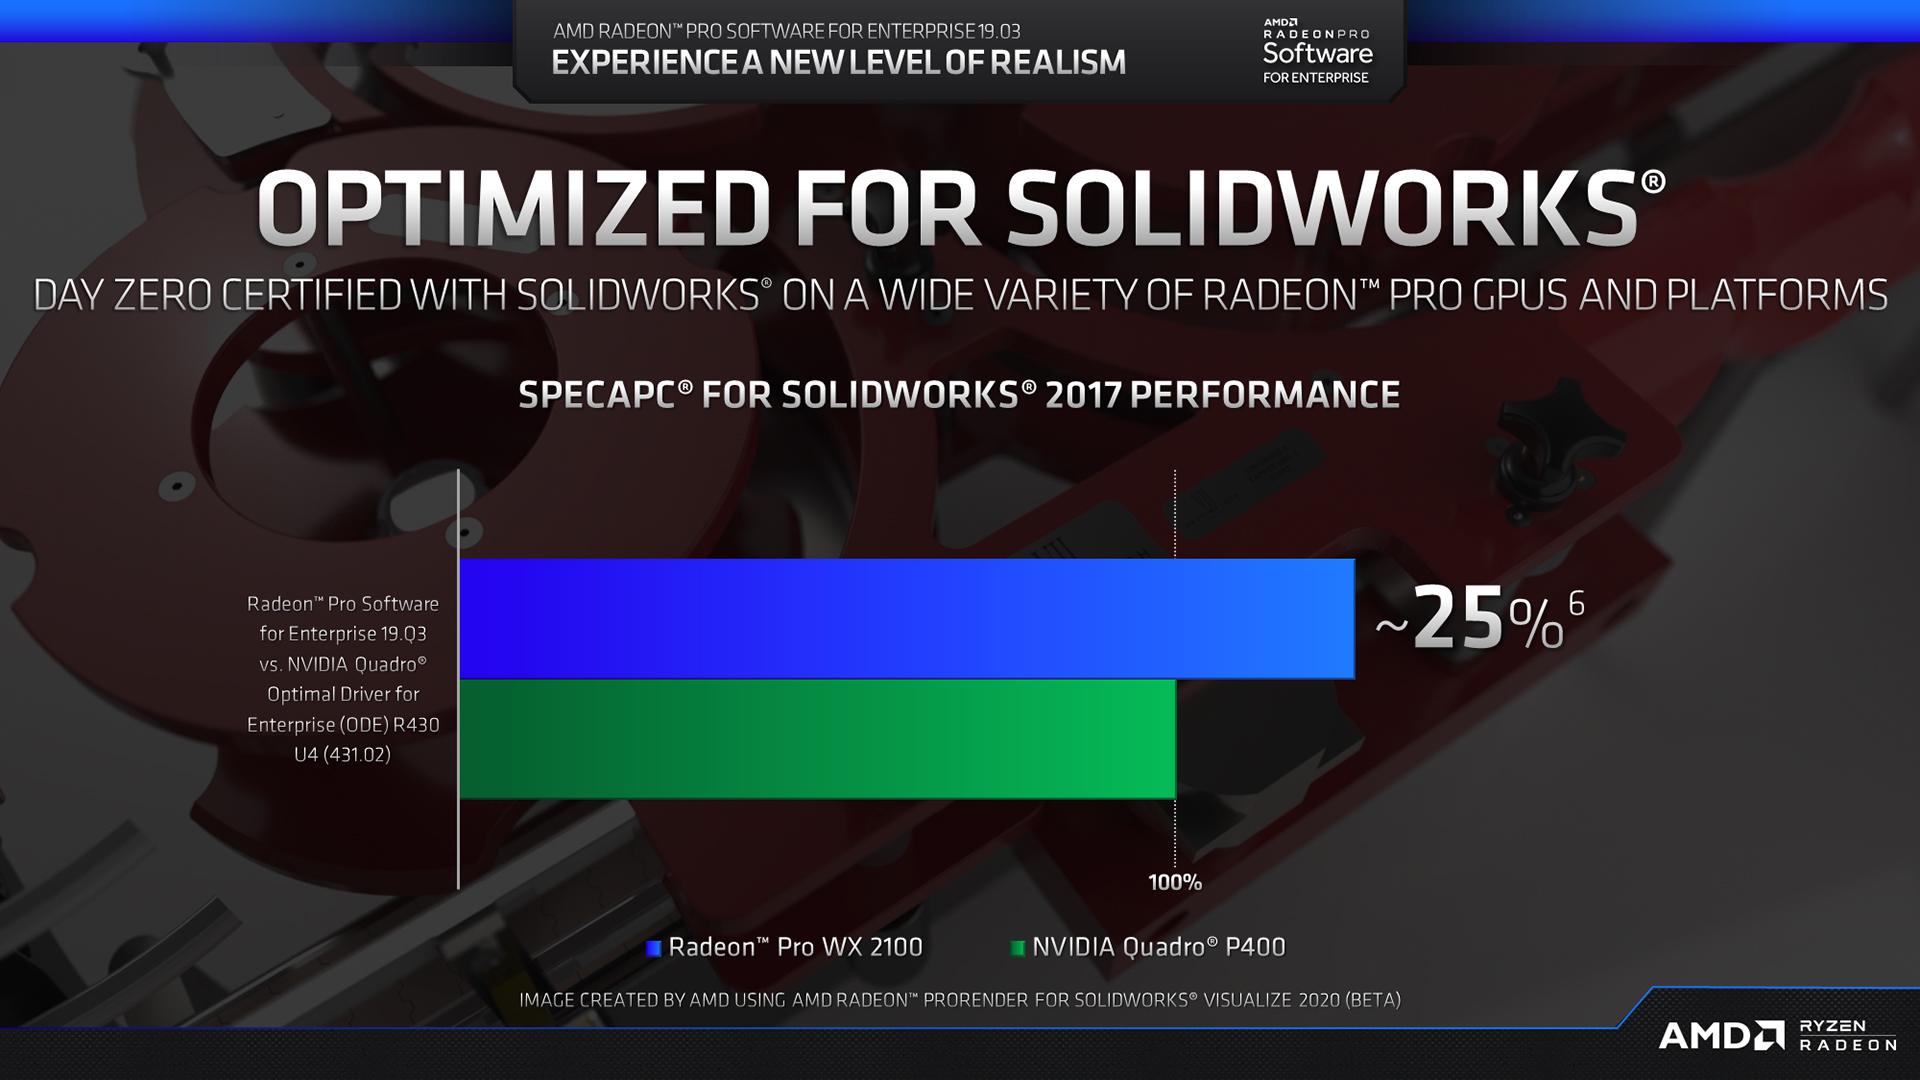 أحدث تعريفات AMD Radeon Pro تزيد من اداء ودعم التطبيقات